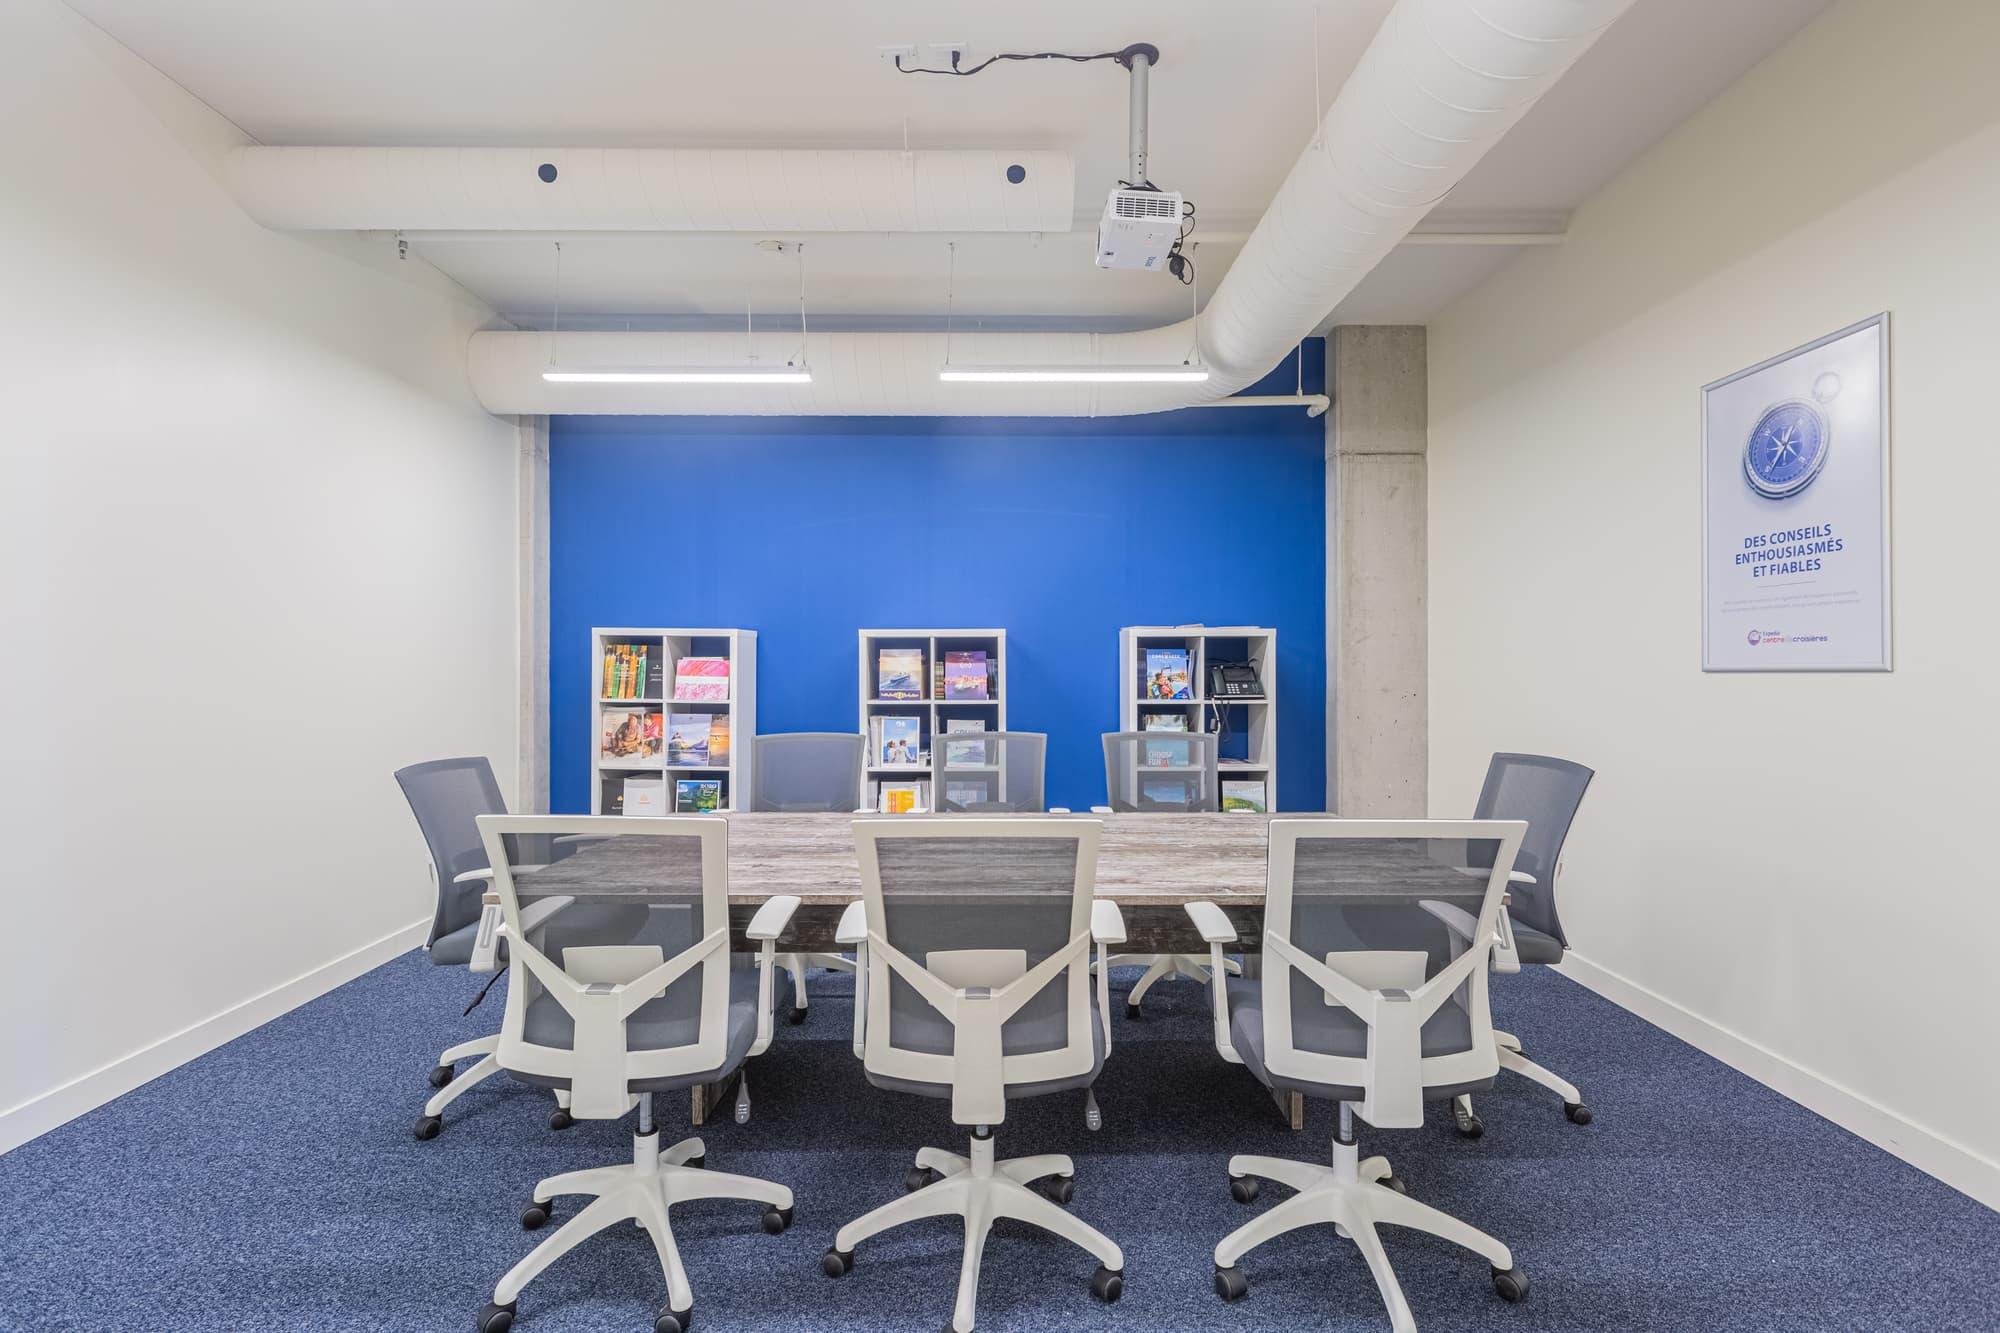 salle de conférence avec tapis et mur accent bleu